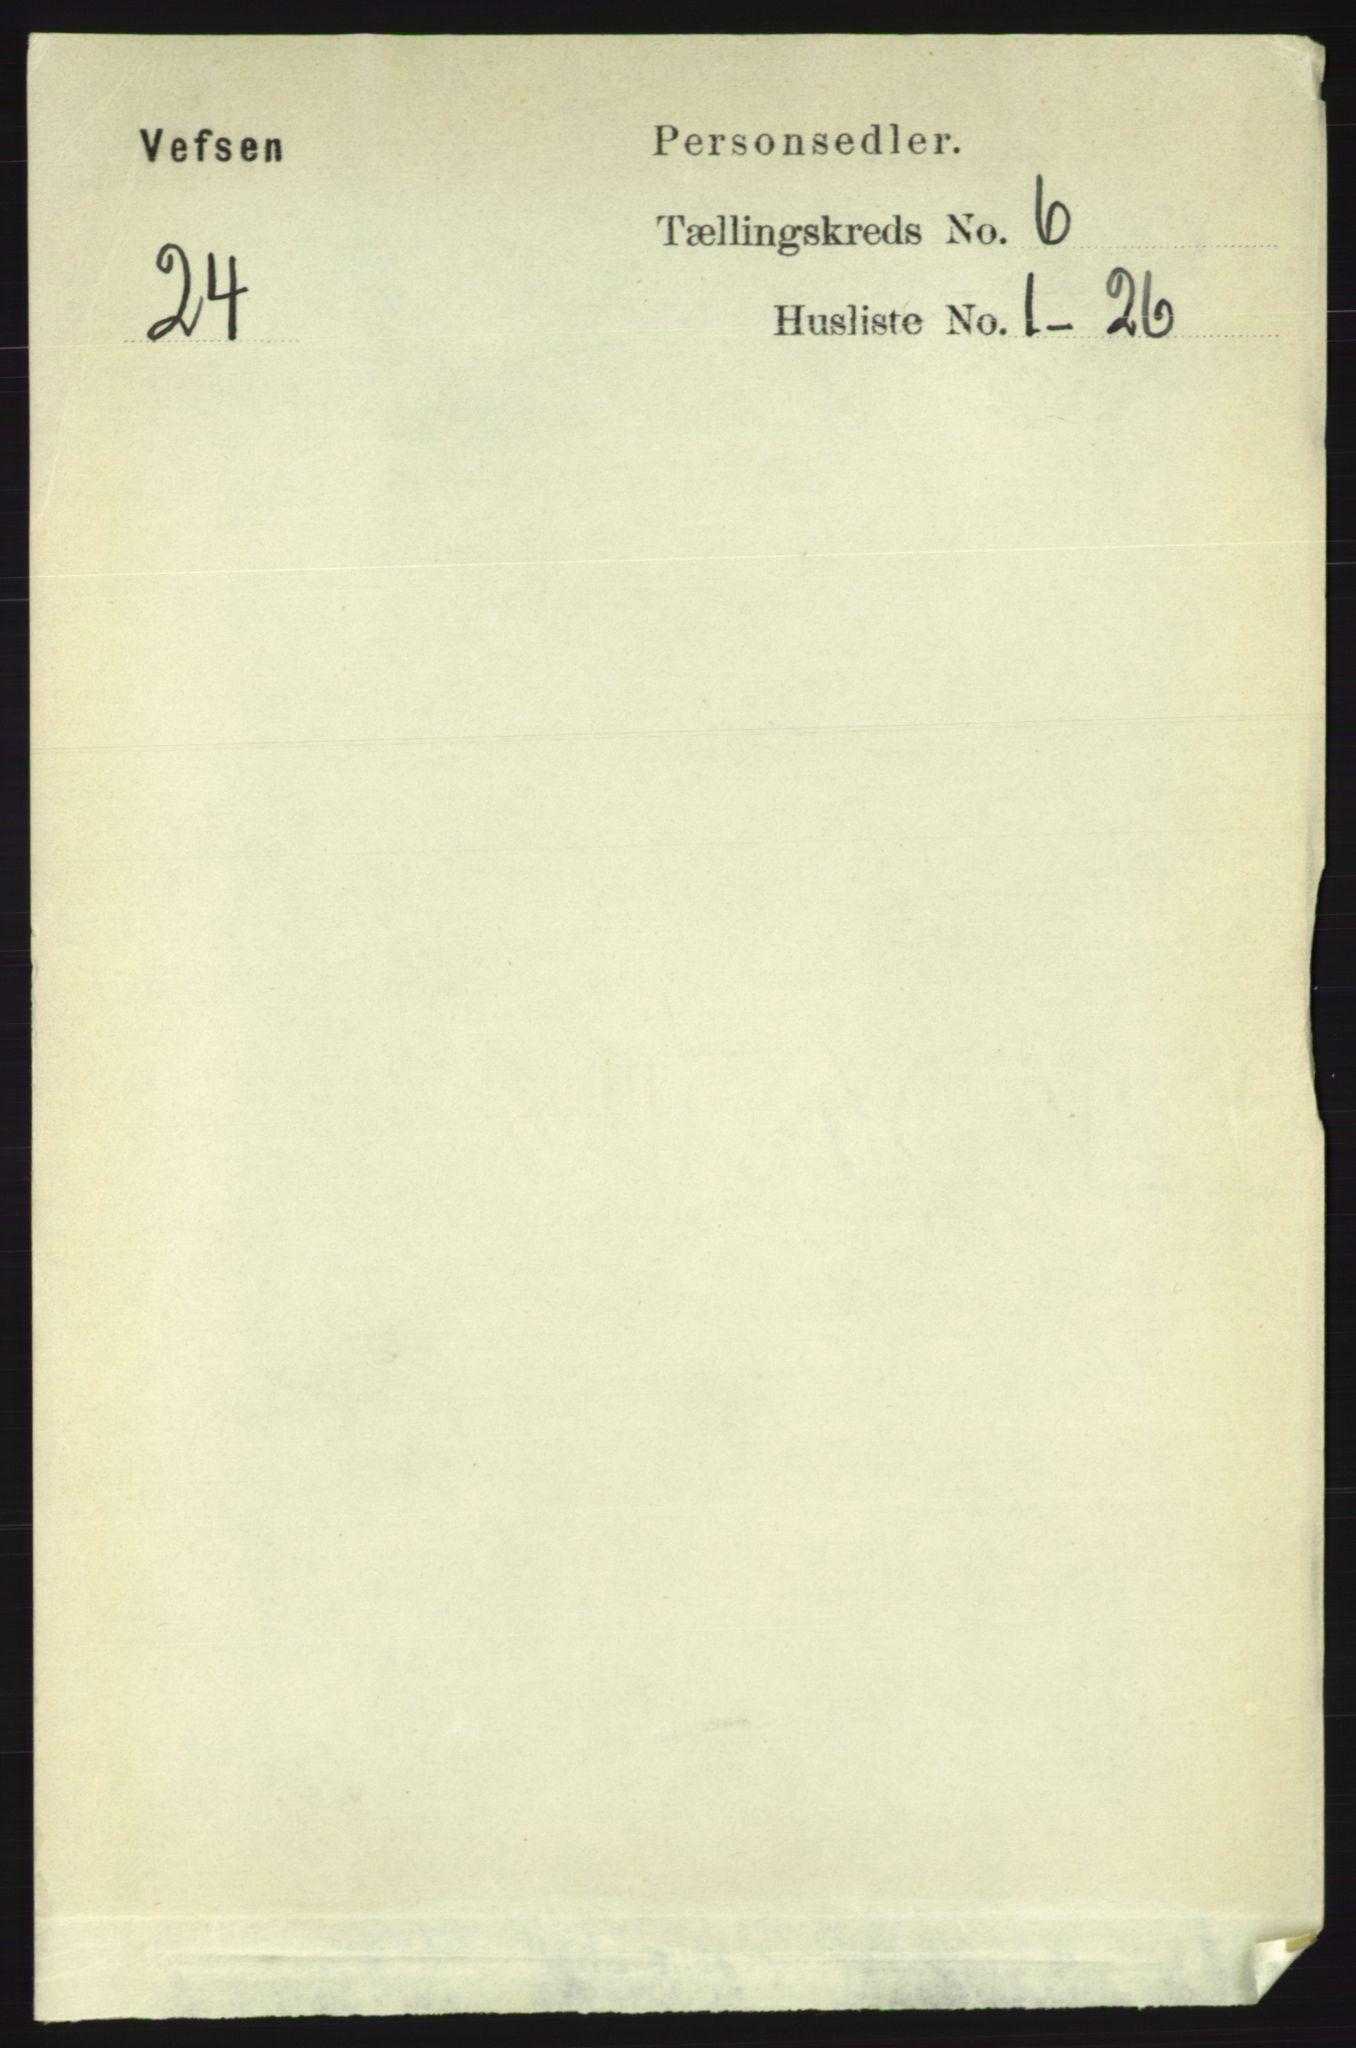 RA, Folketelling 1891 for 1824 Vefsn herred, 1891, s. 2806